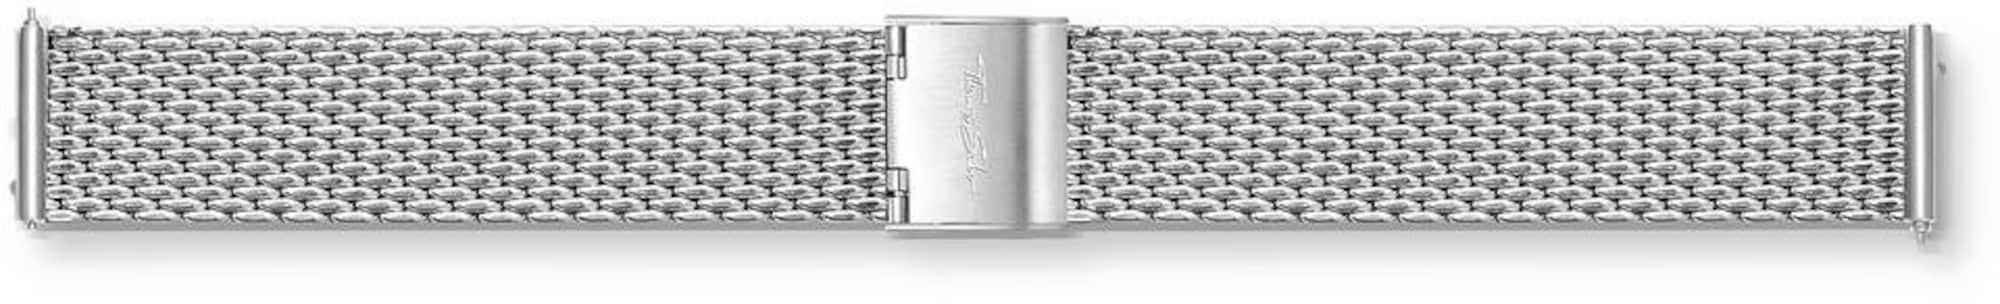 Uhrenarmband | Uhren > Sonstige Armbanduhren | Thomas Sabo